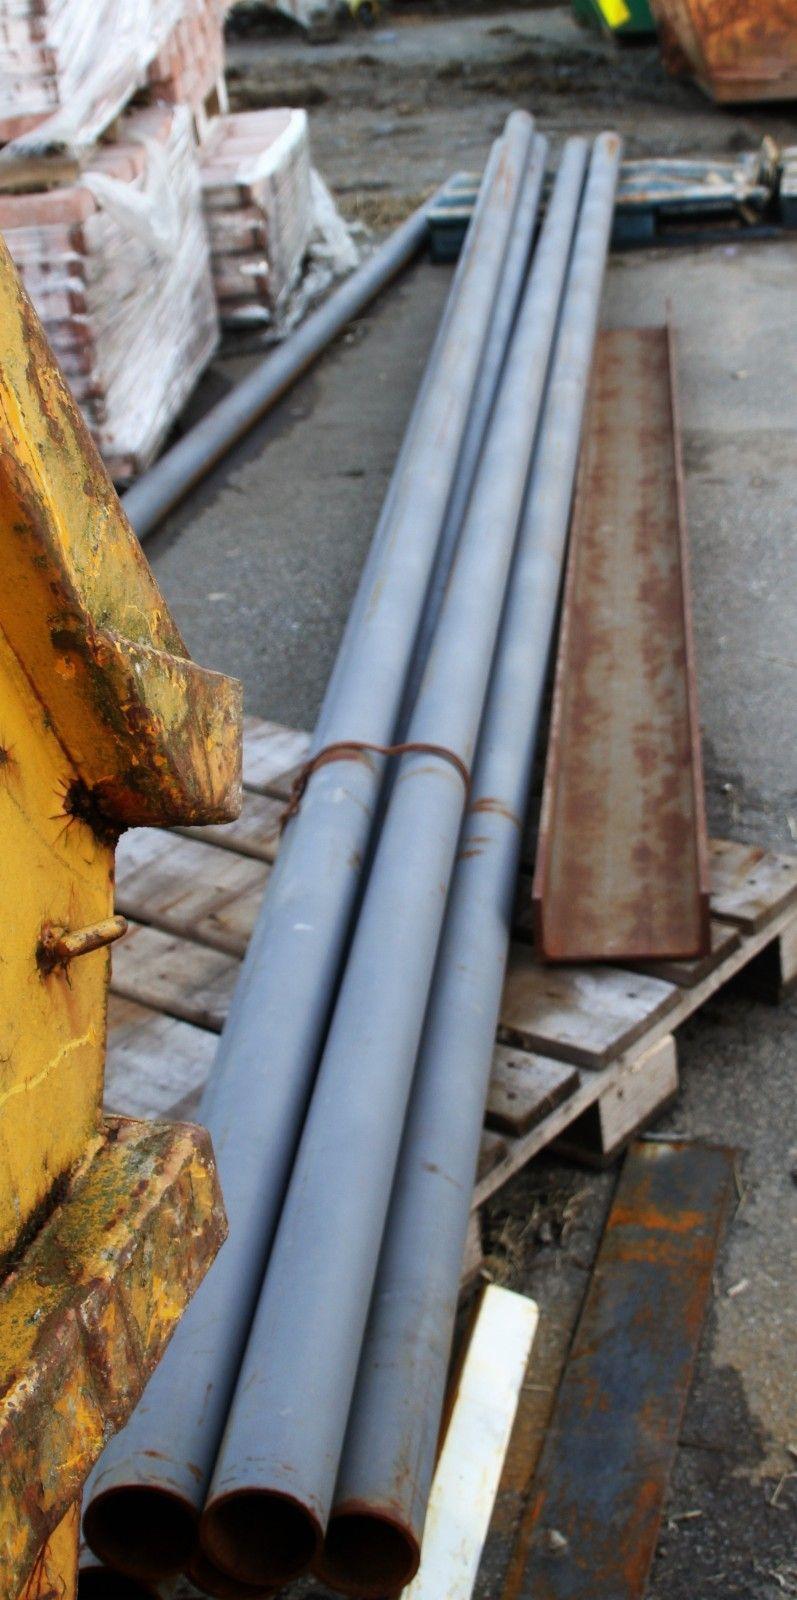 Topp H-bjelker, vinkel, firkantrør, stålrør med mer | FINN.no UC-01